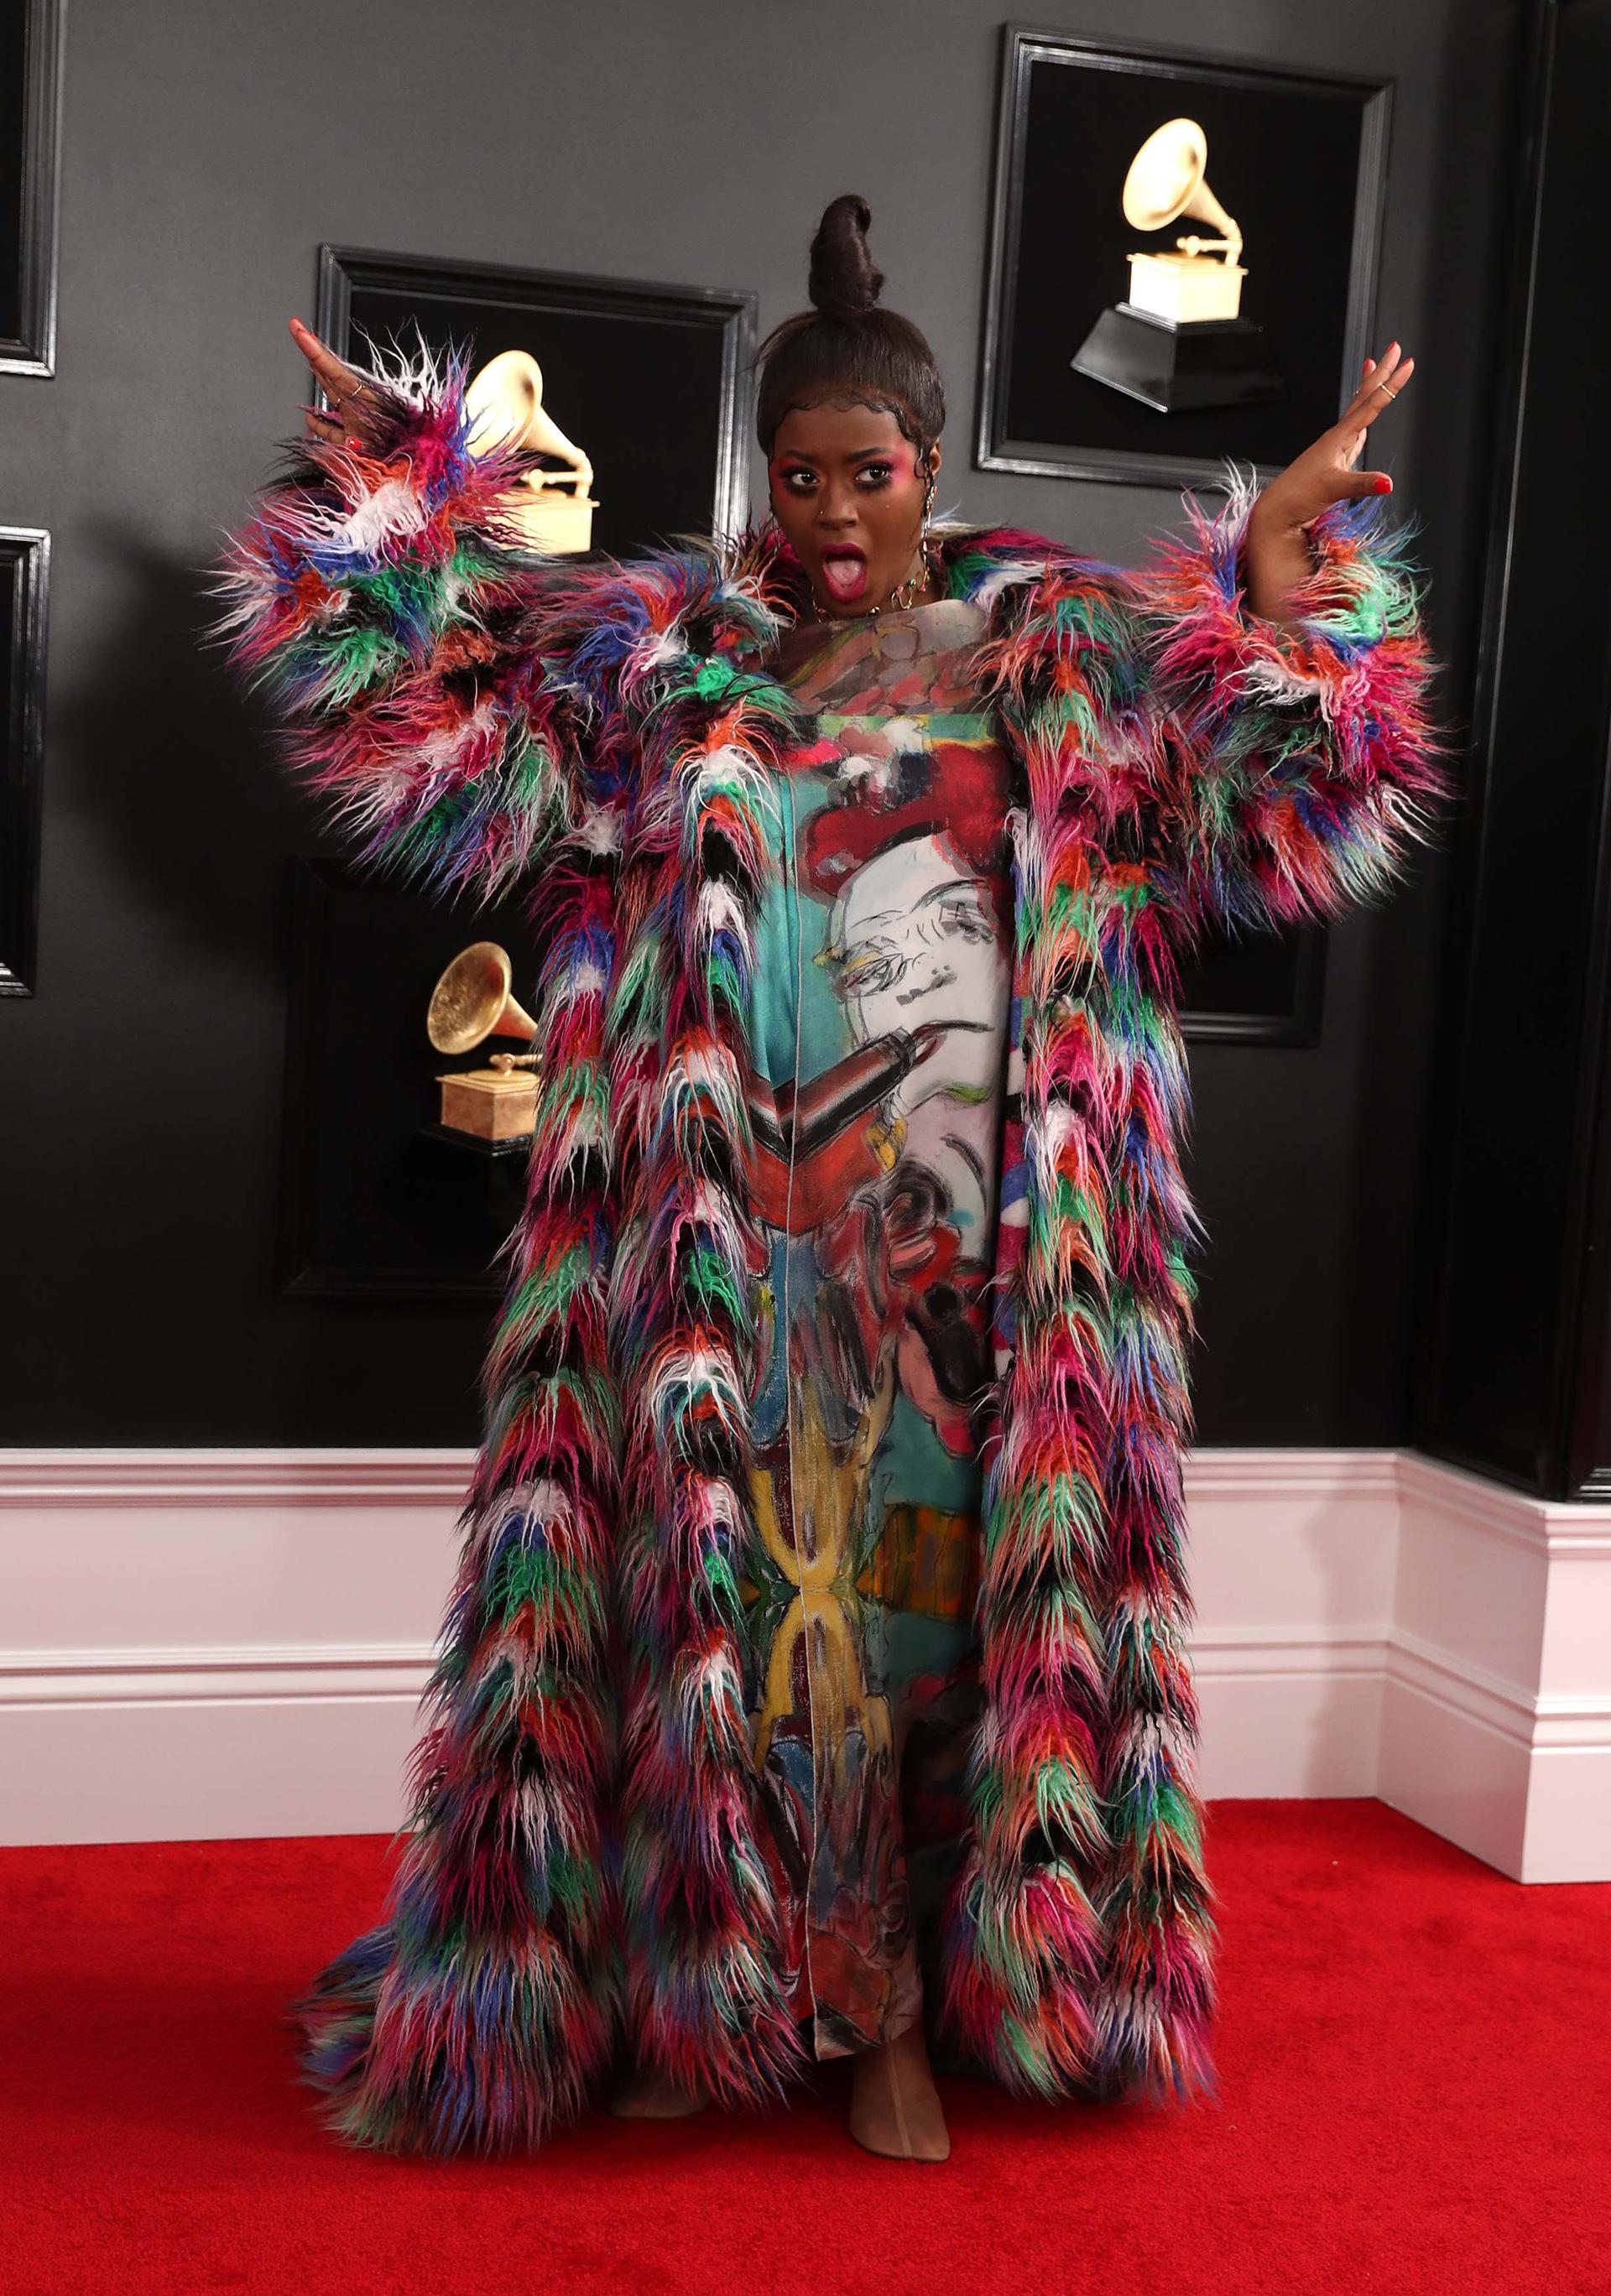 Tierra Whack sorprendió con su túnica pintada a mano y el sobretodo de plumas multicolor. También resaltó su maquillaje flúor y el peinado recogido